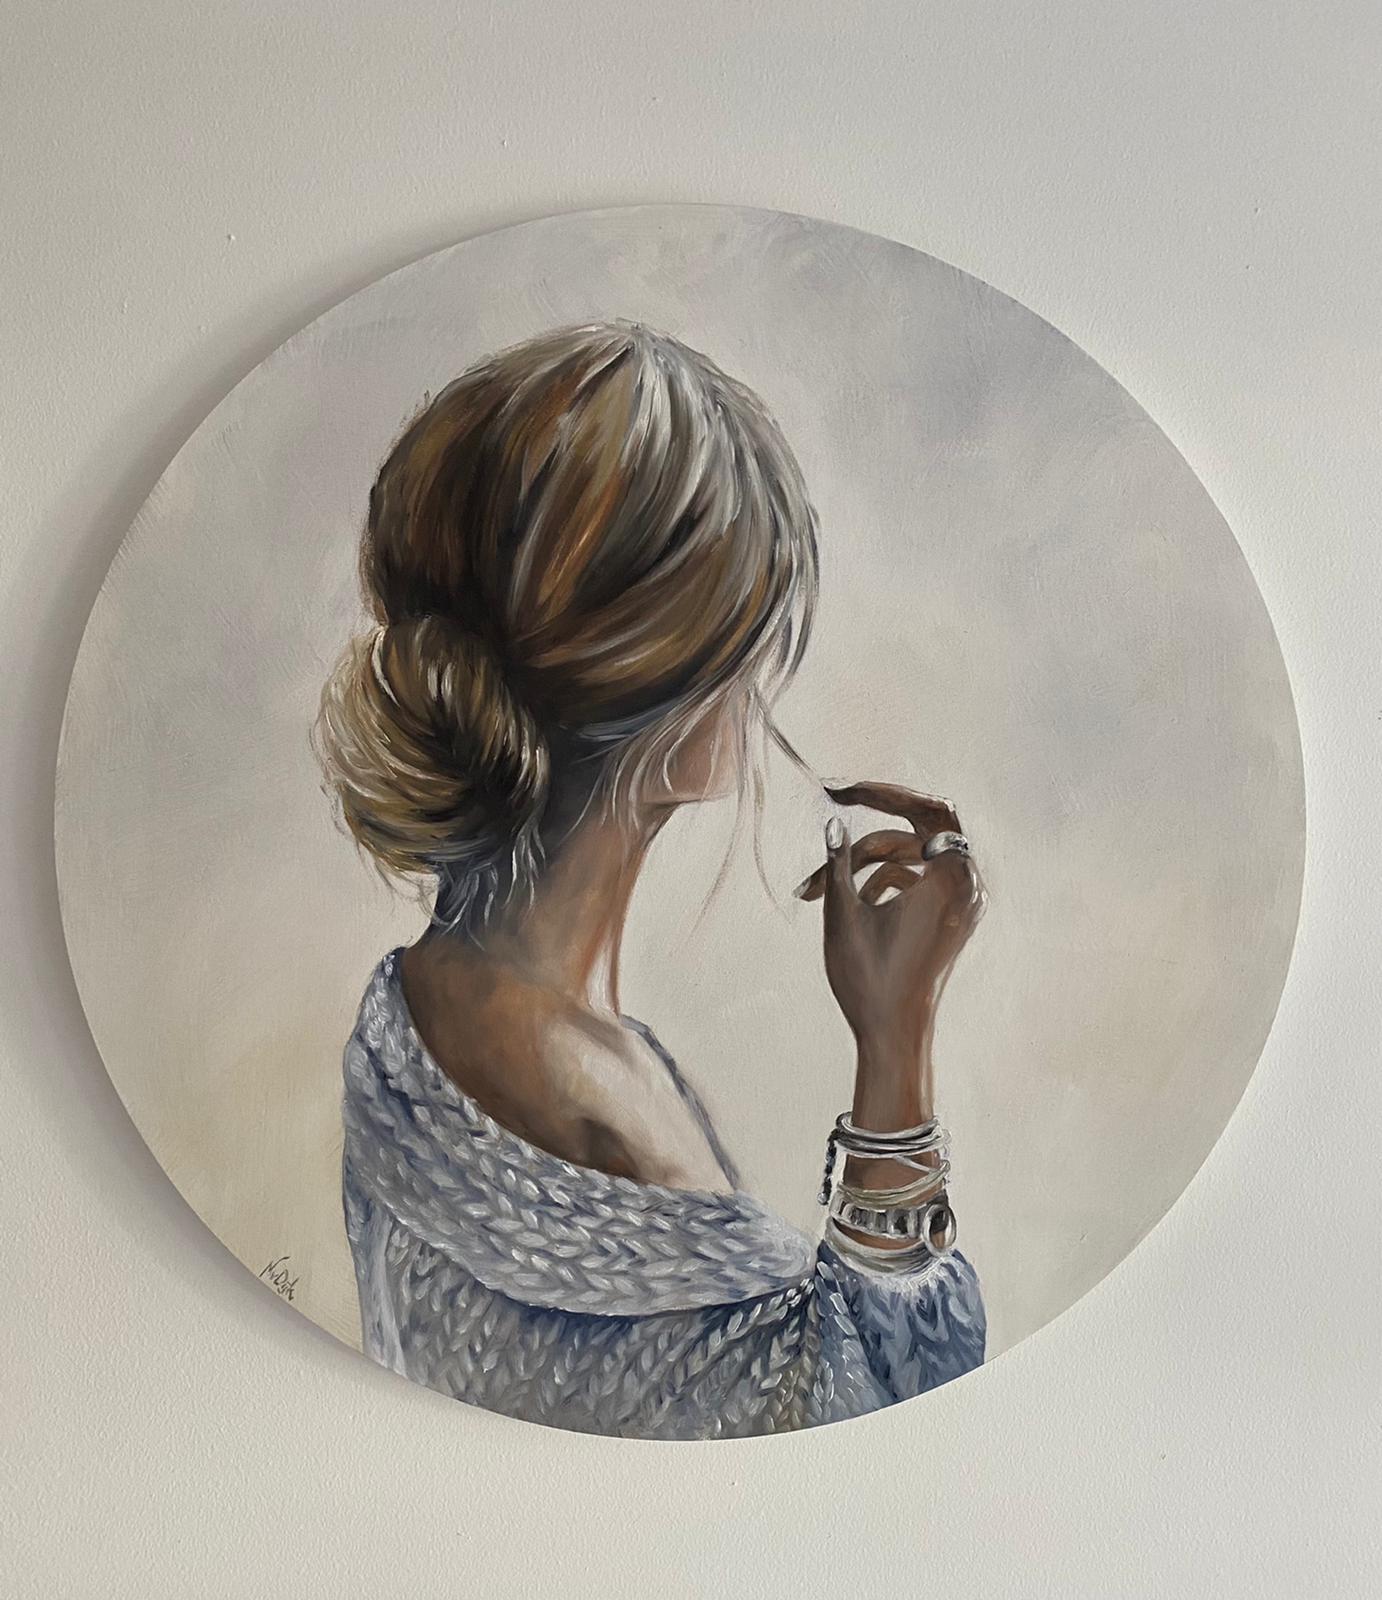 rond schilderij vrouw